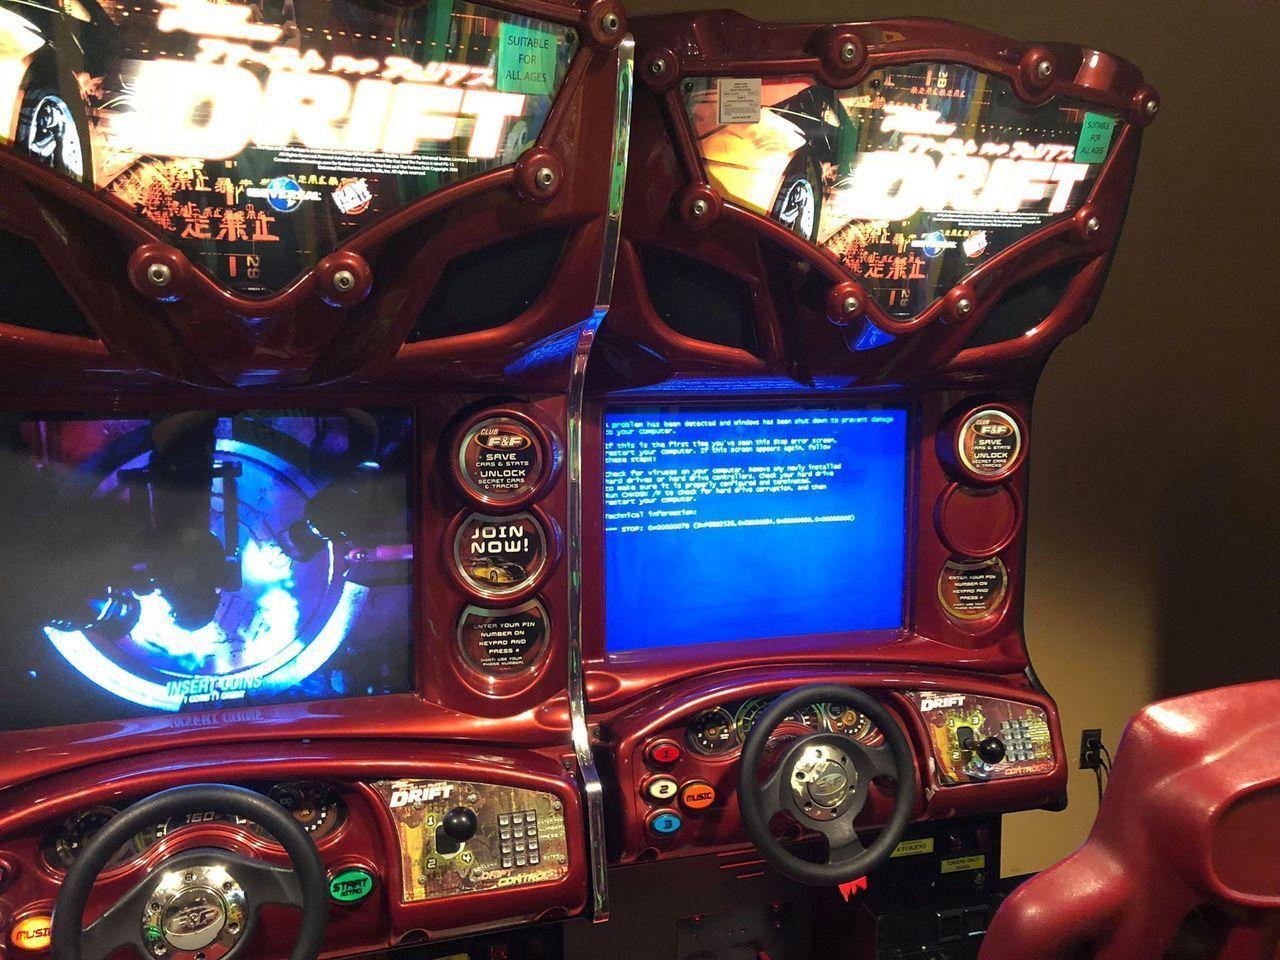 At the movies игровой автомат оскар слоты игровые автоматы скачать бесплатно